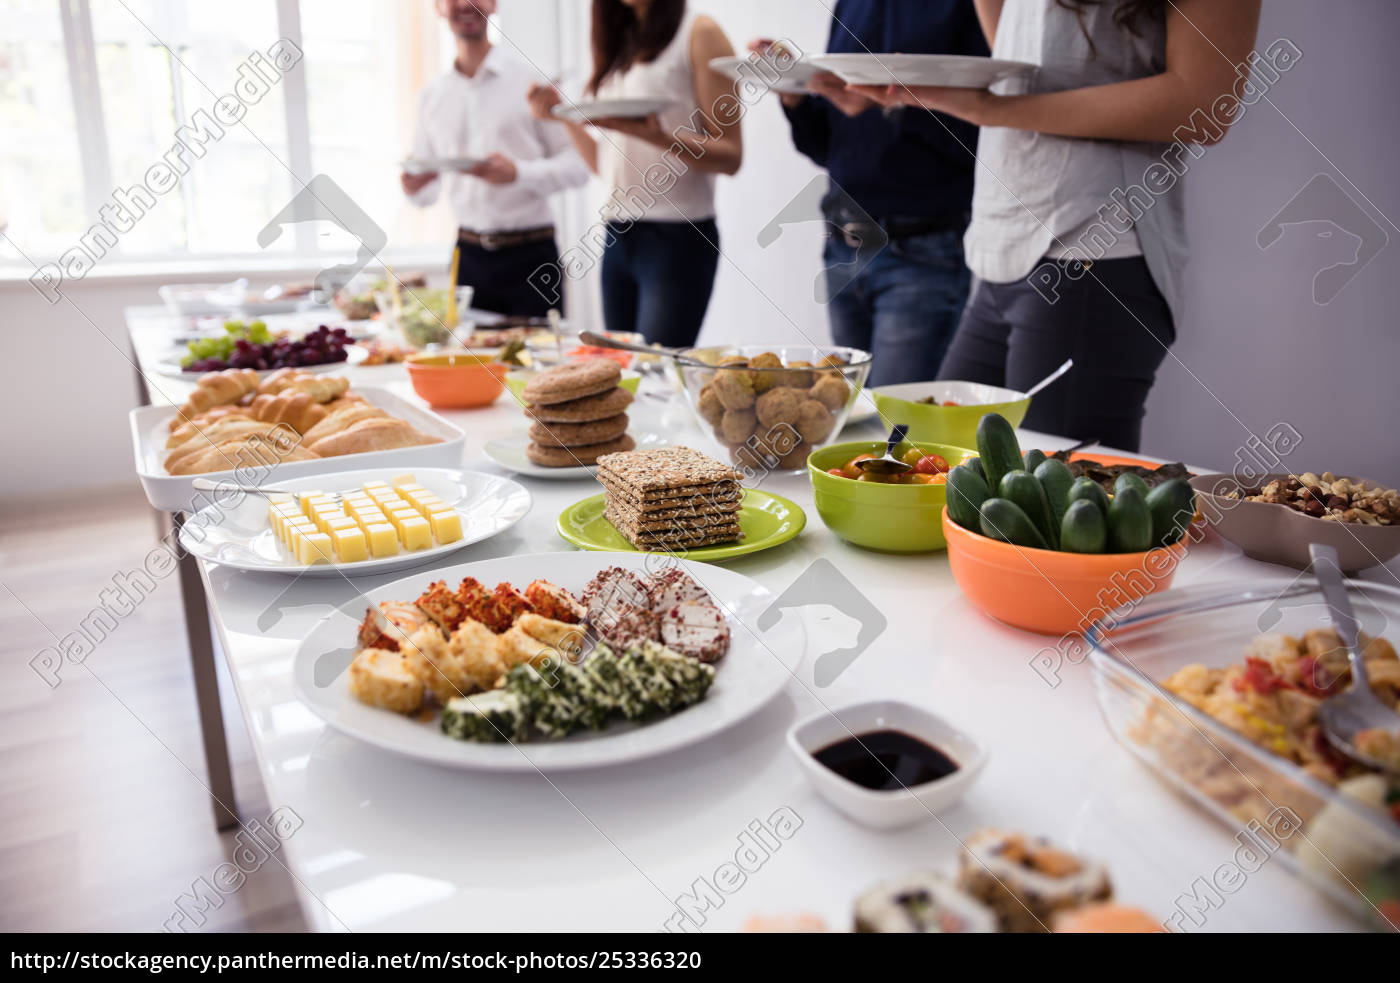 people, eating, healthy, meal - 25336320